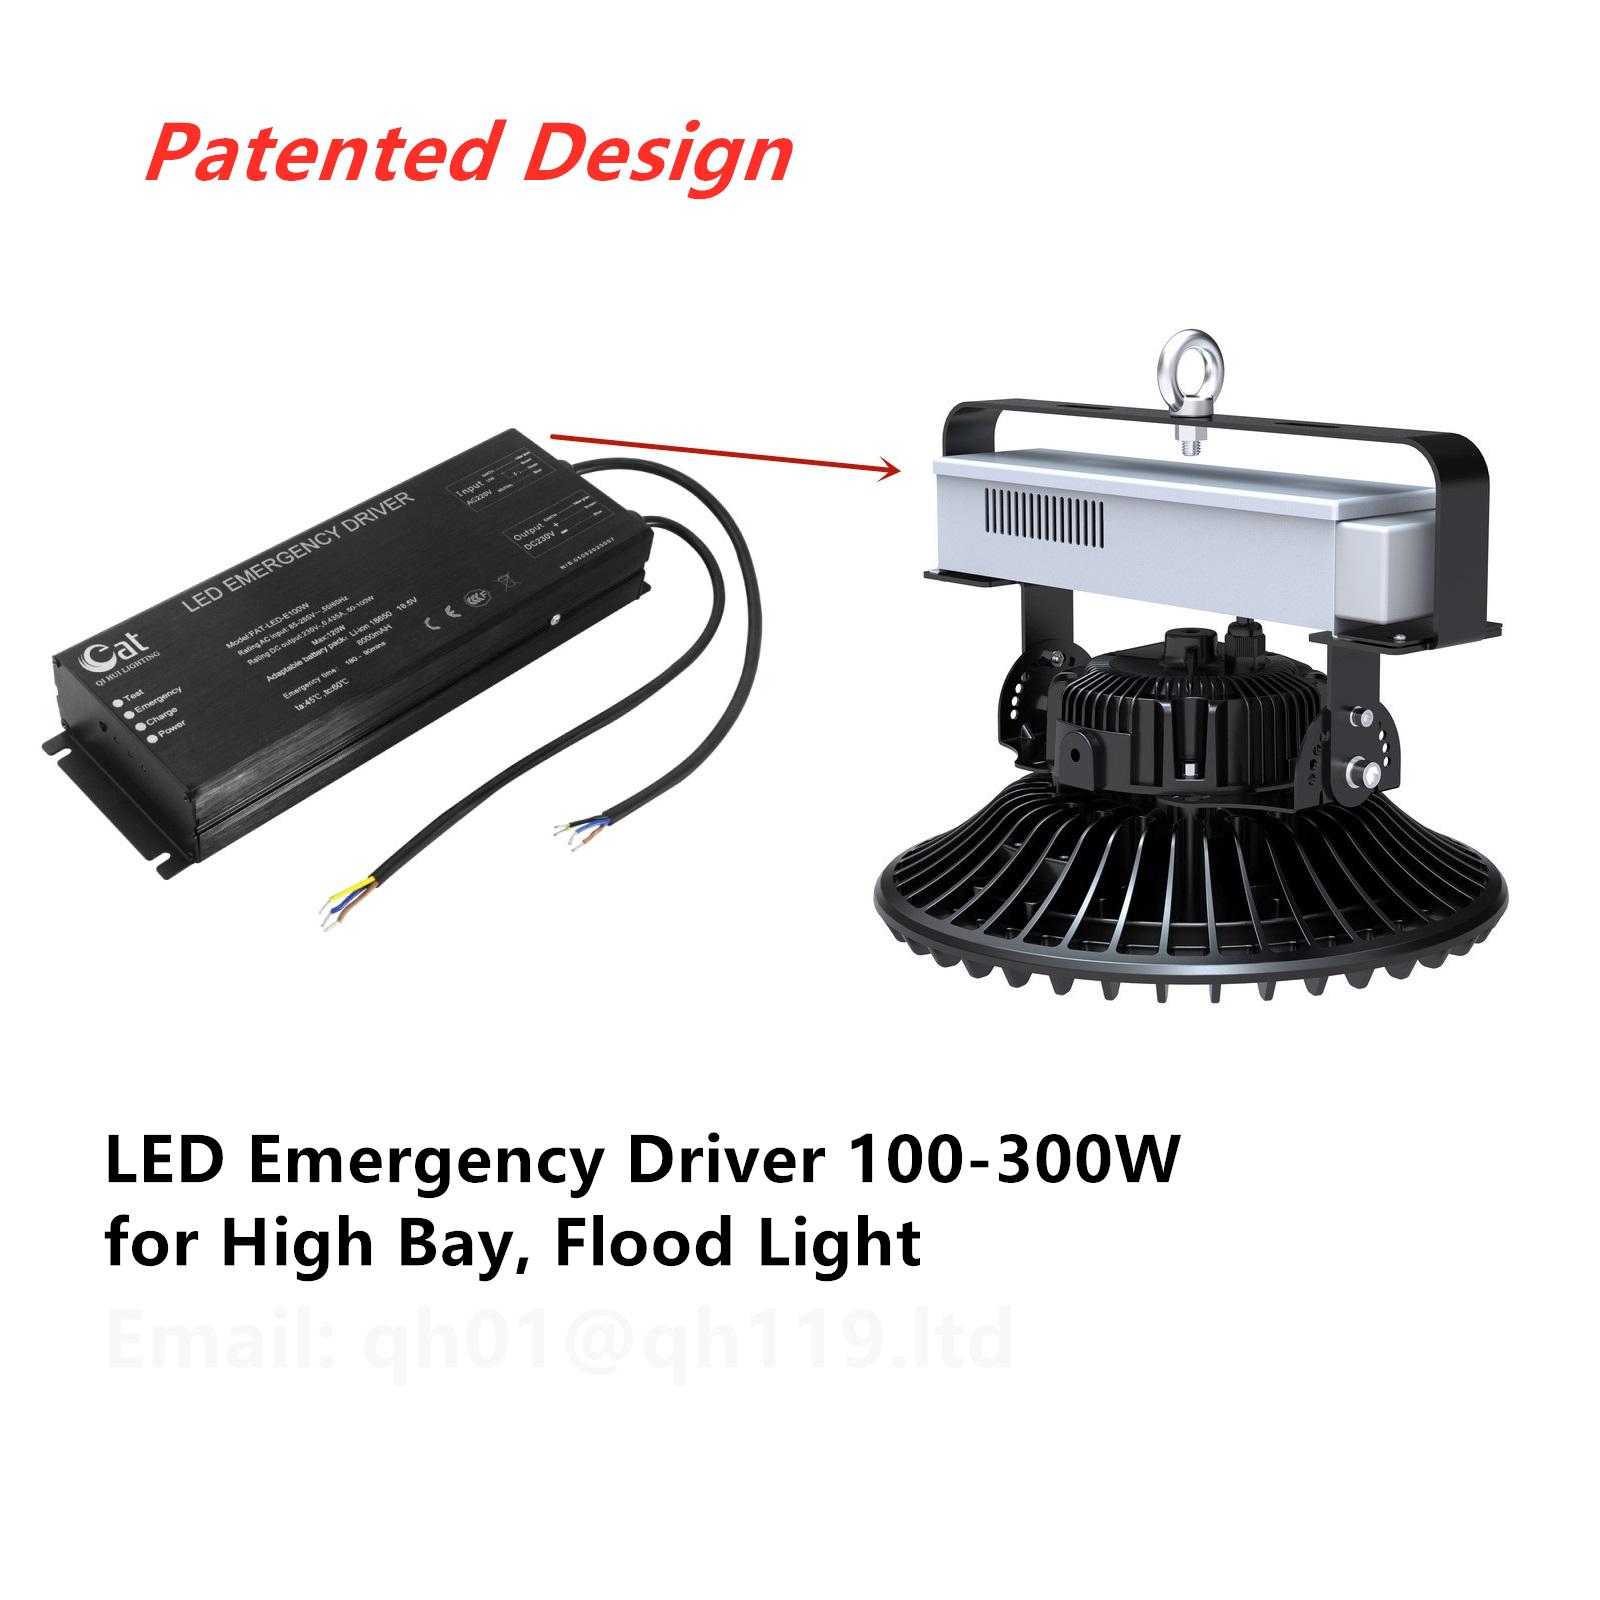 LED Emergency Driver 100-300W for High Bay Flood Light Panel Light Emergency Battery Pack